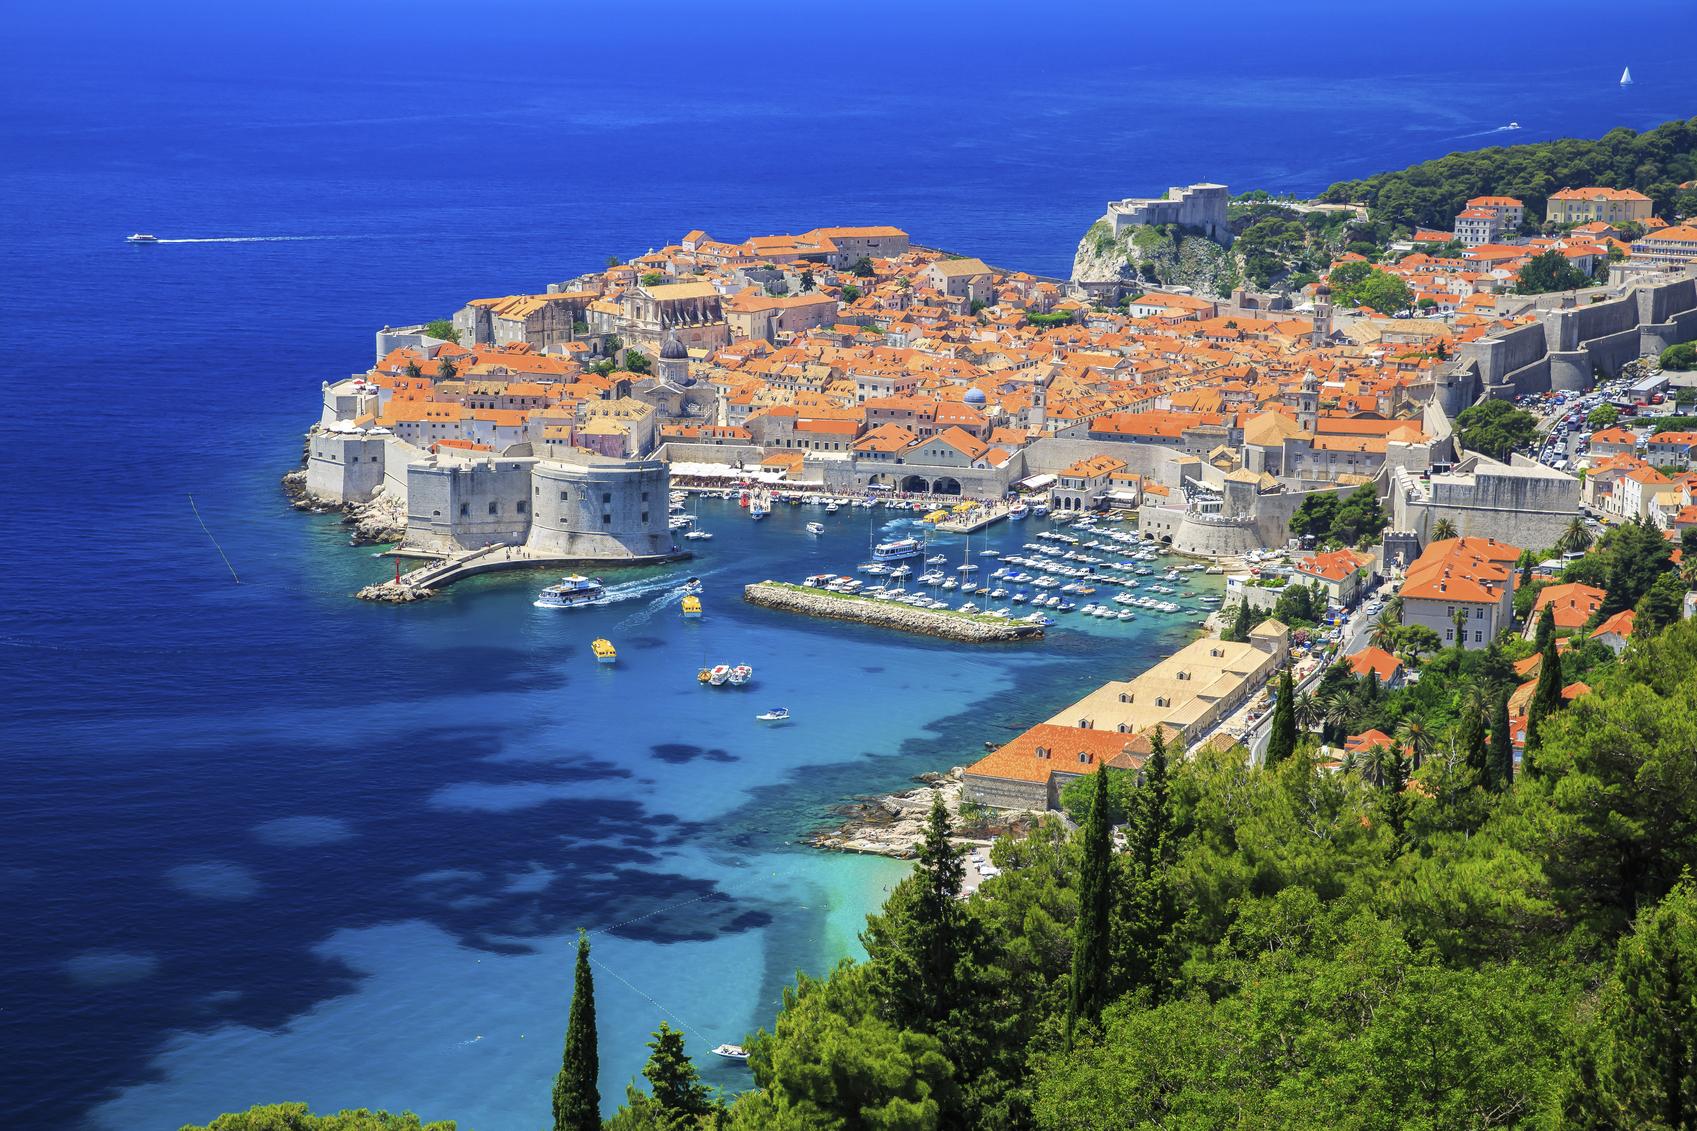 Kroatië staat garant voor heel wat adembenemende uitzichten. (foto istock)